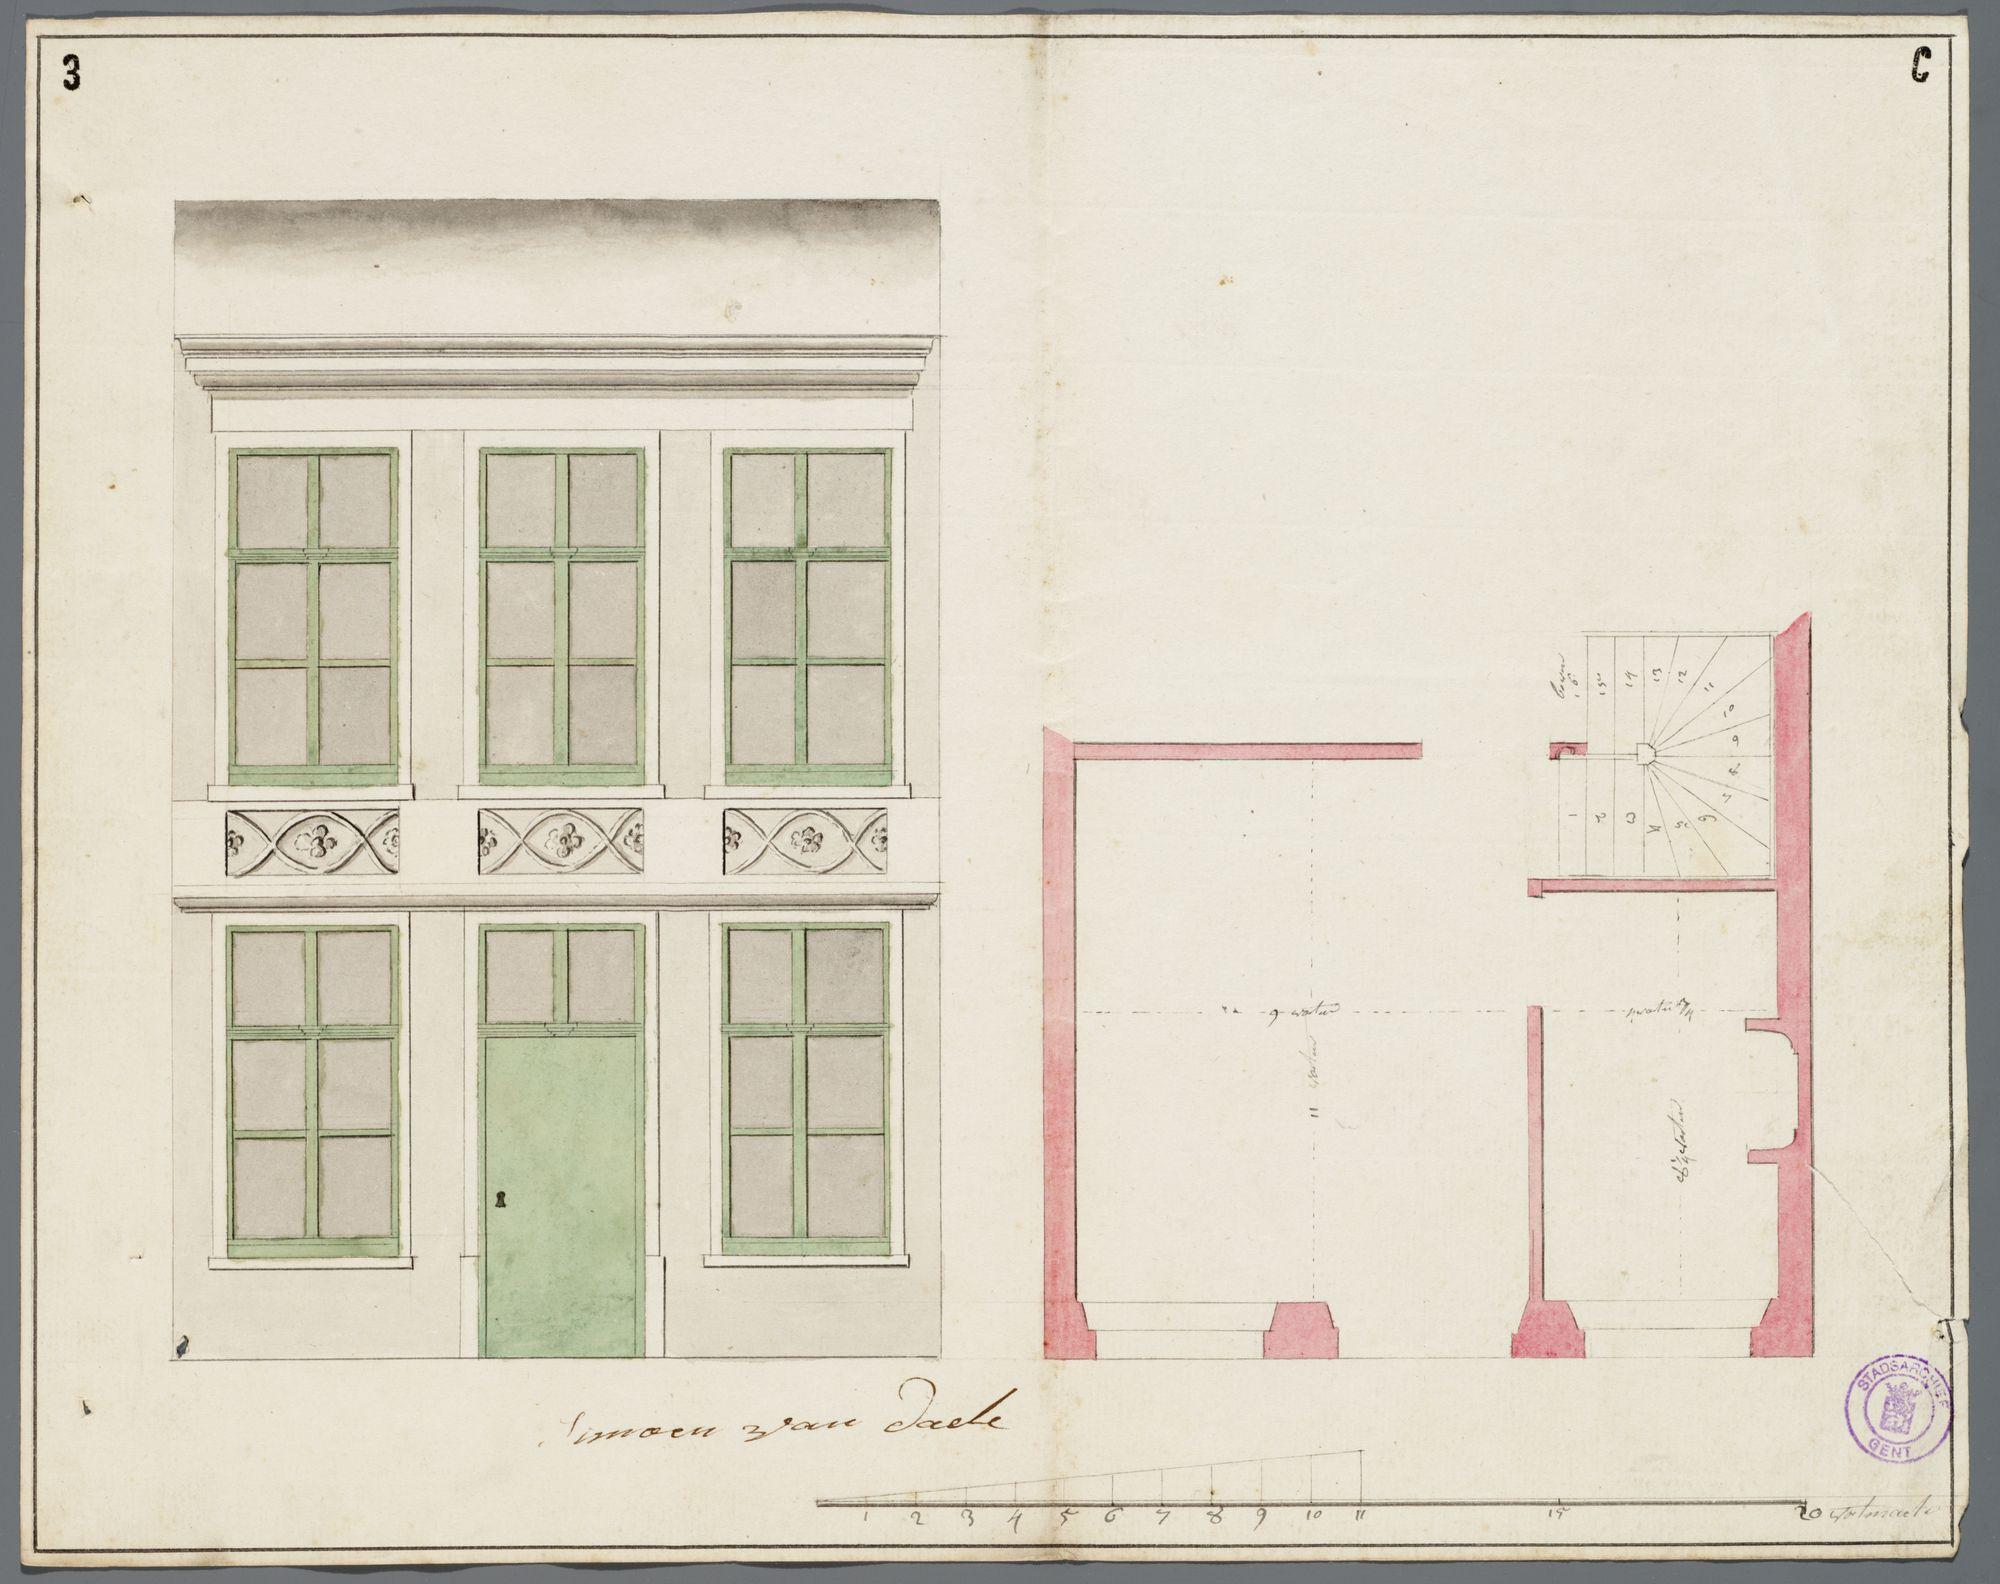 Gent: Meulegat (verdwenen en vervangen door het Casinoplein), 1785: opstand gevel